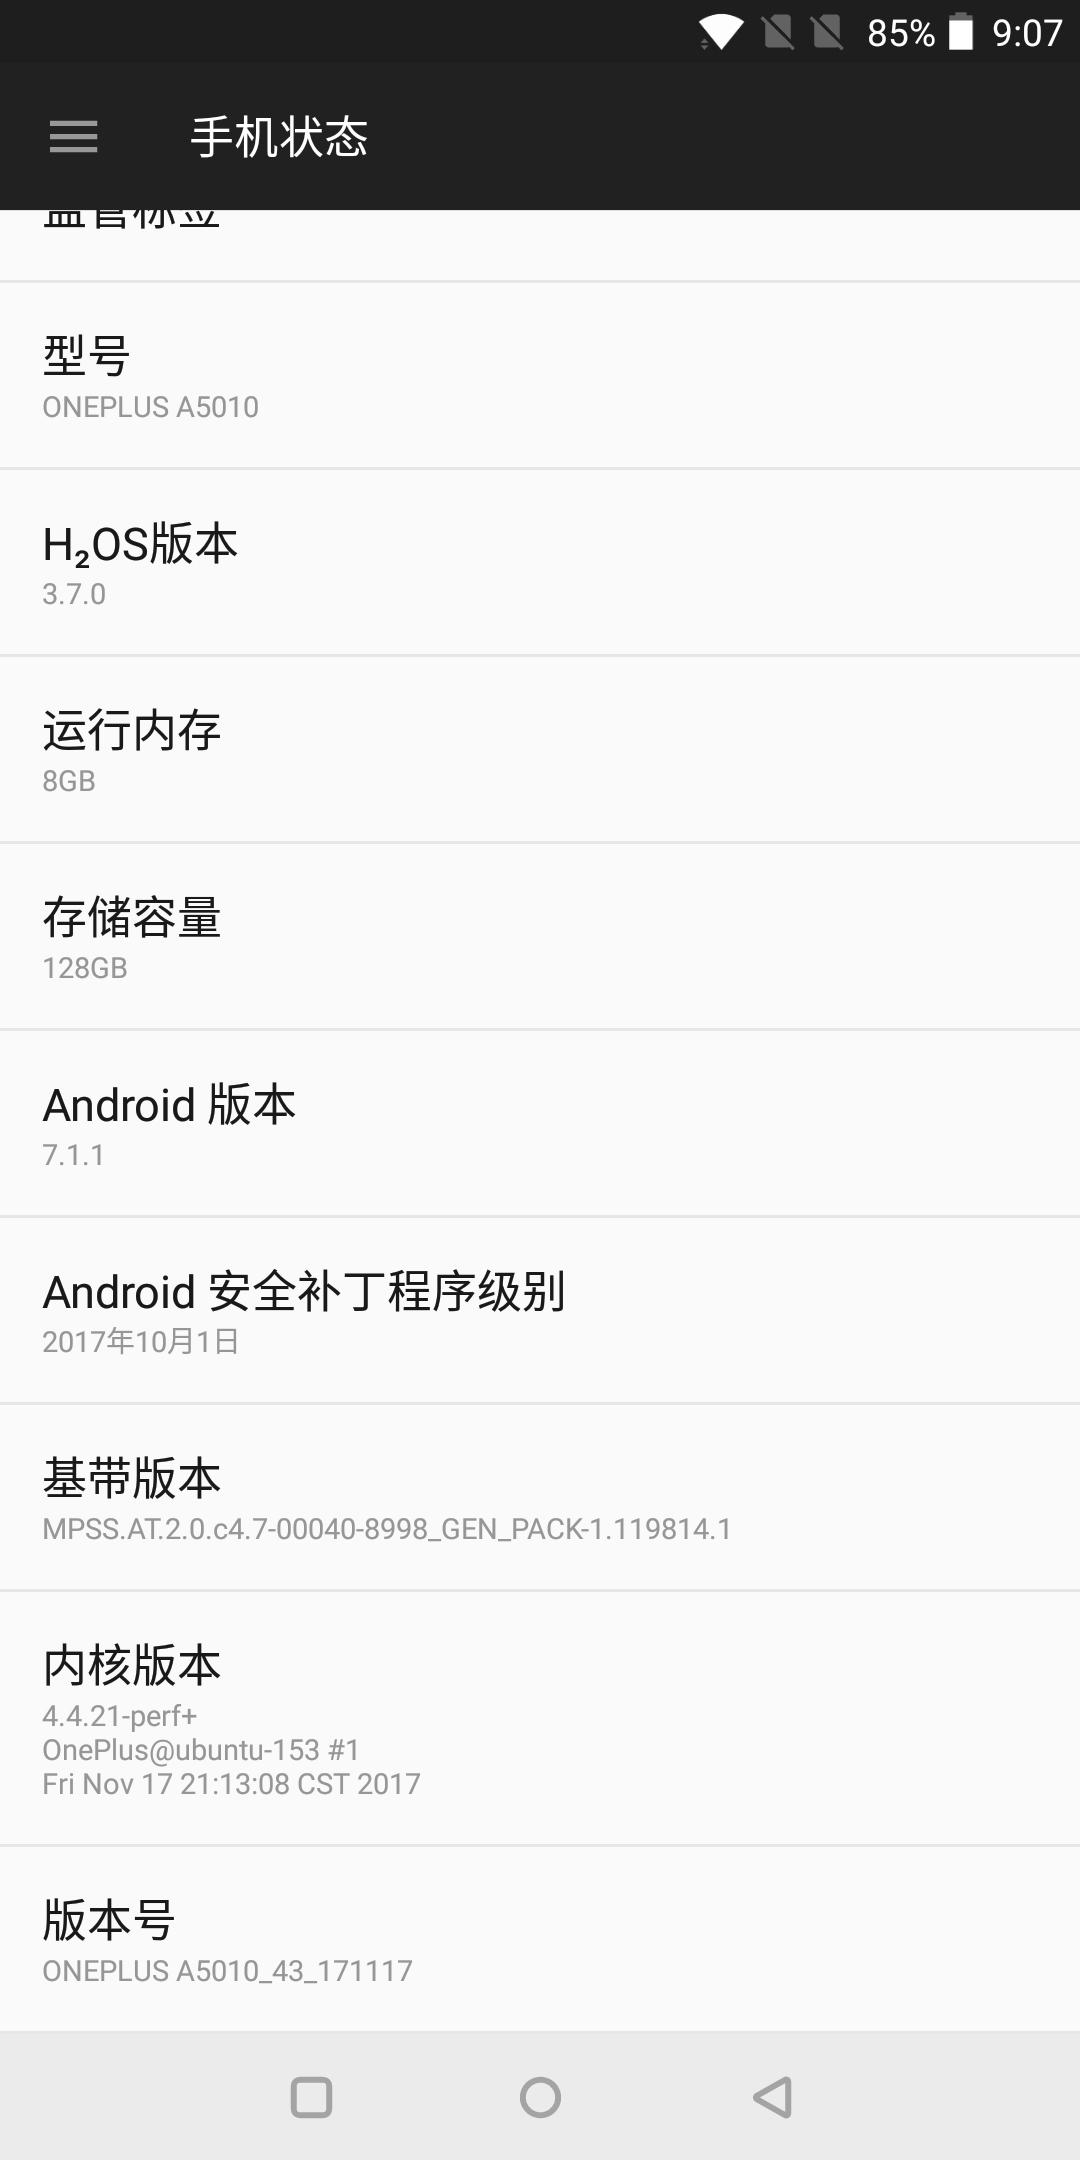 Screenshot_20171202-210716.jpg